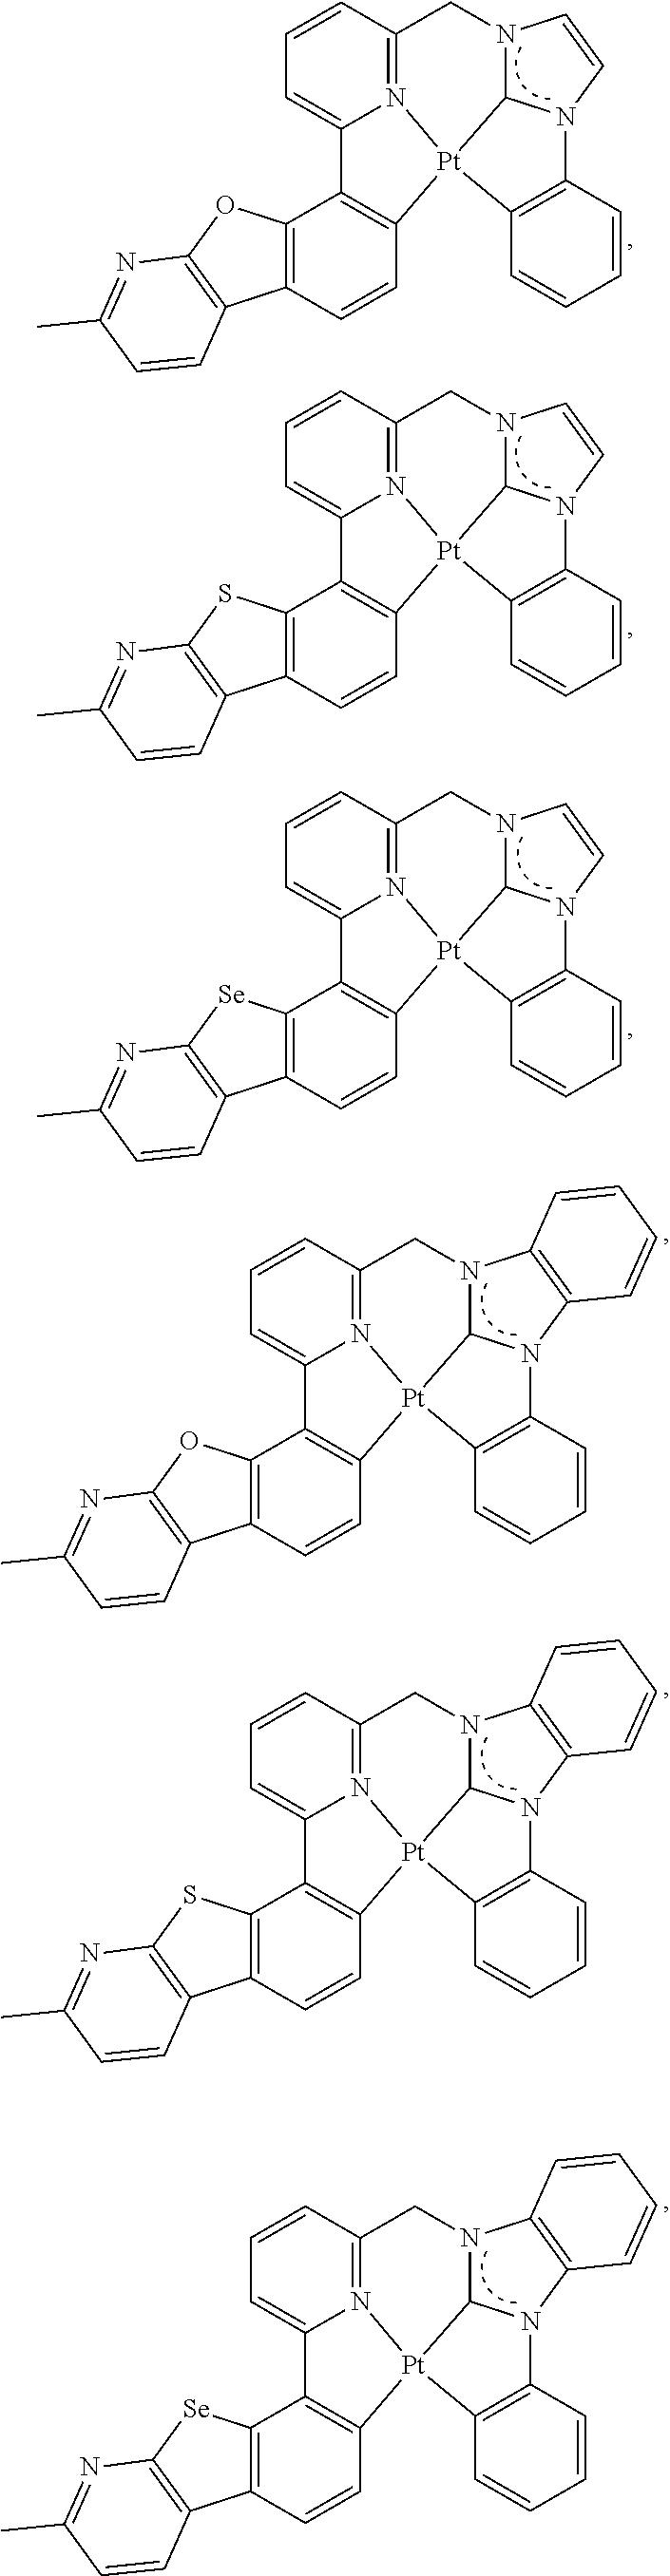 Figure US09871214-20180116-C00048